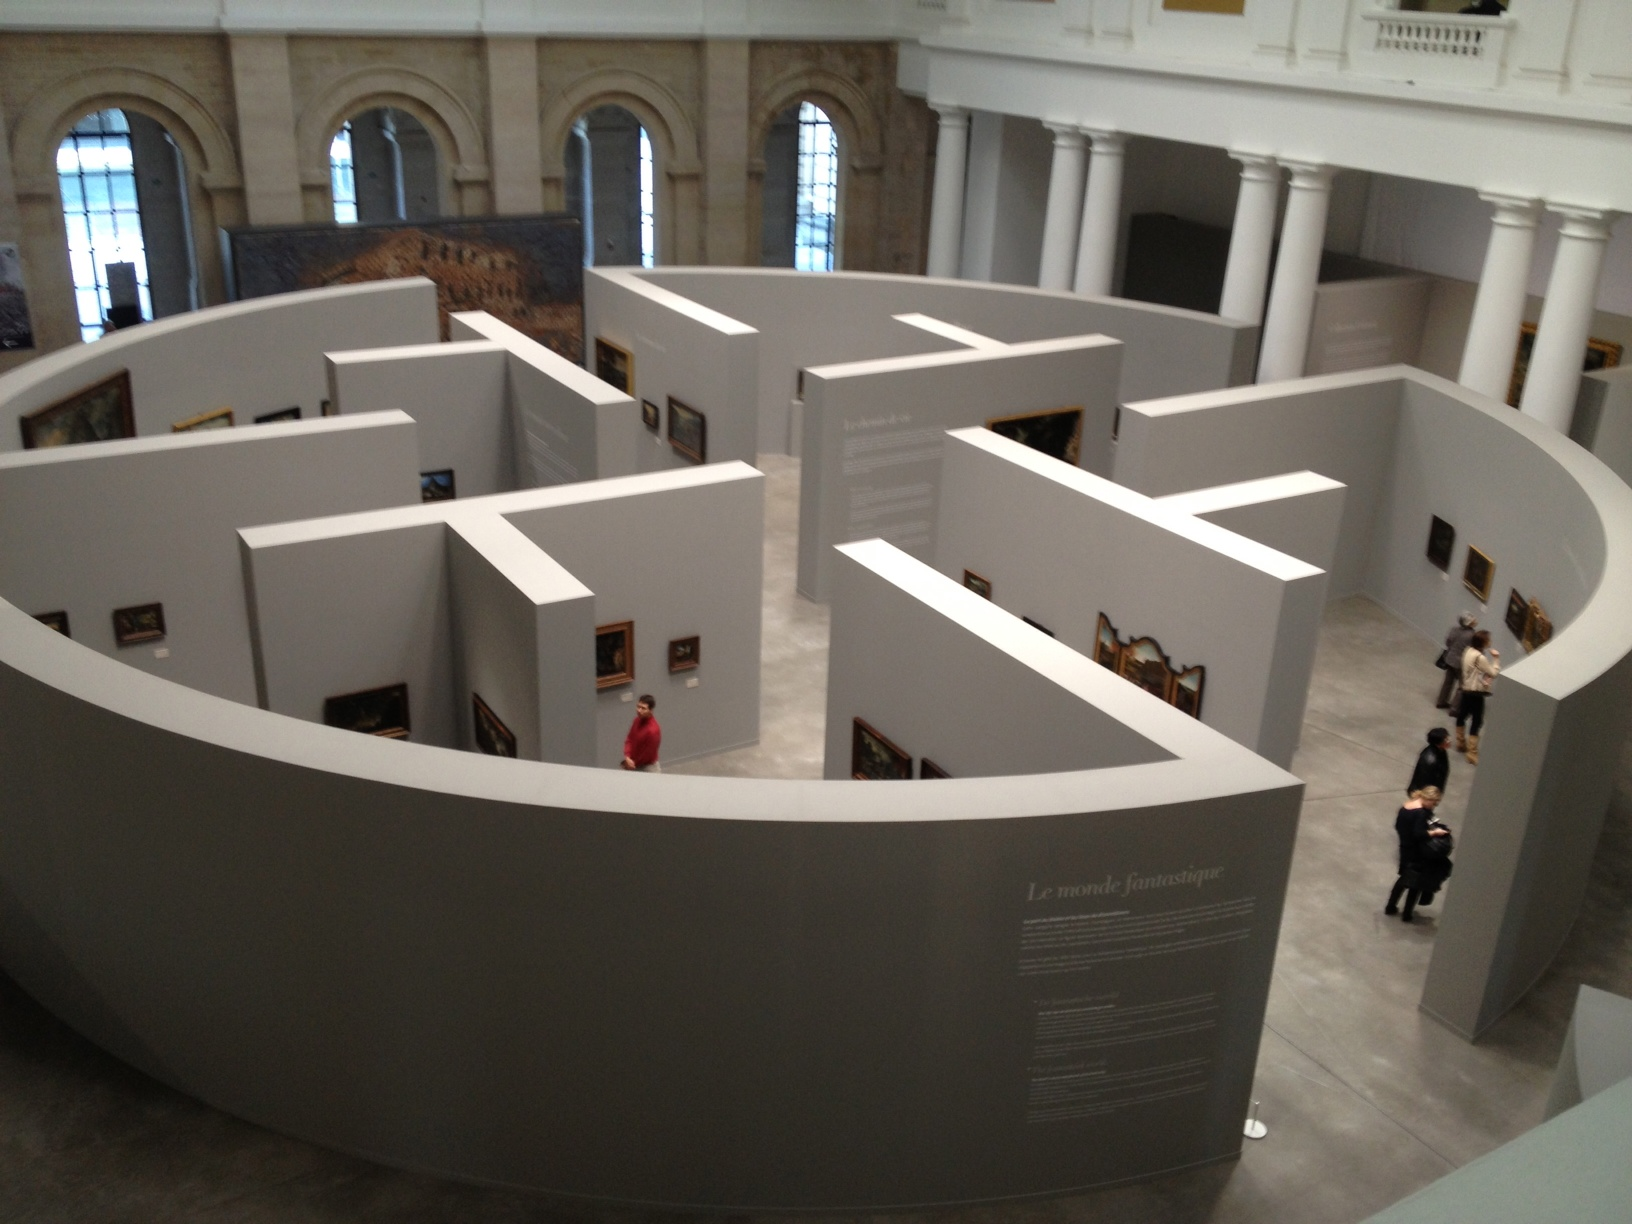 Fables du paysage flamand, Palais des beaux-arts de Lille / Photo Serge Chaumier